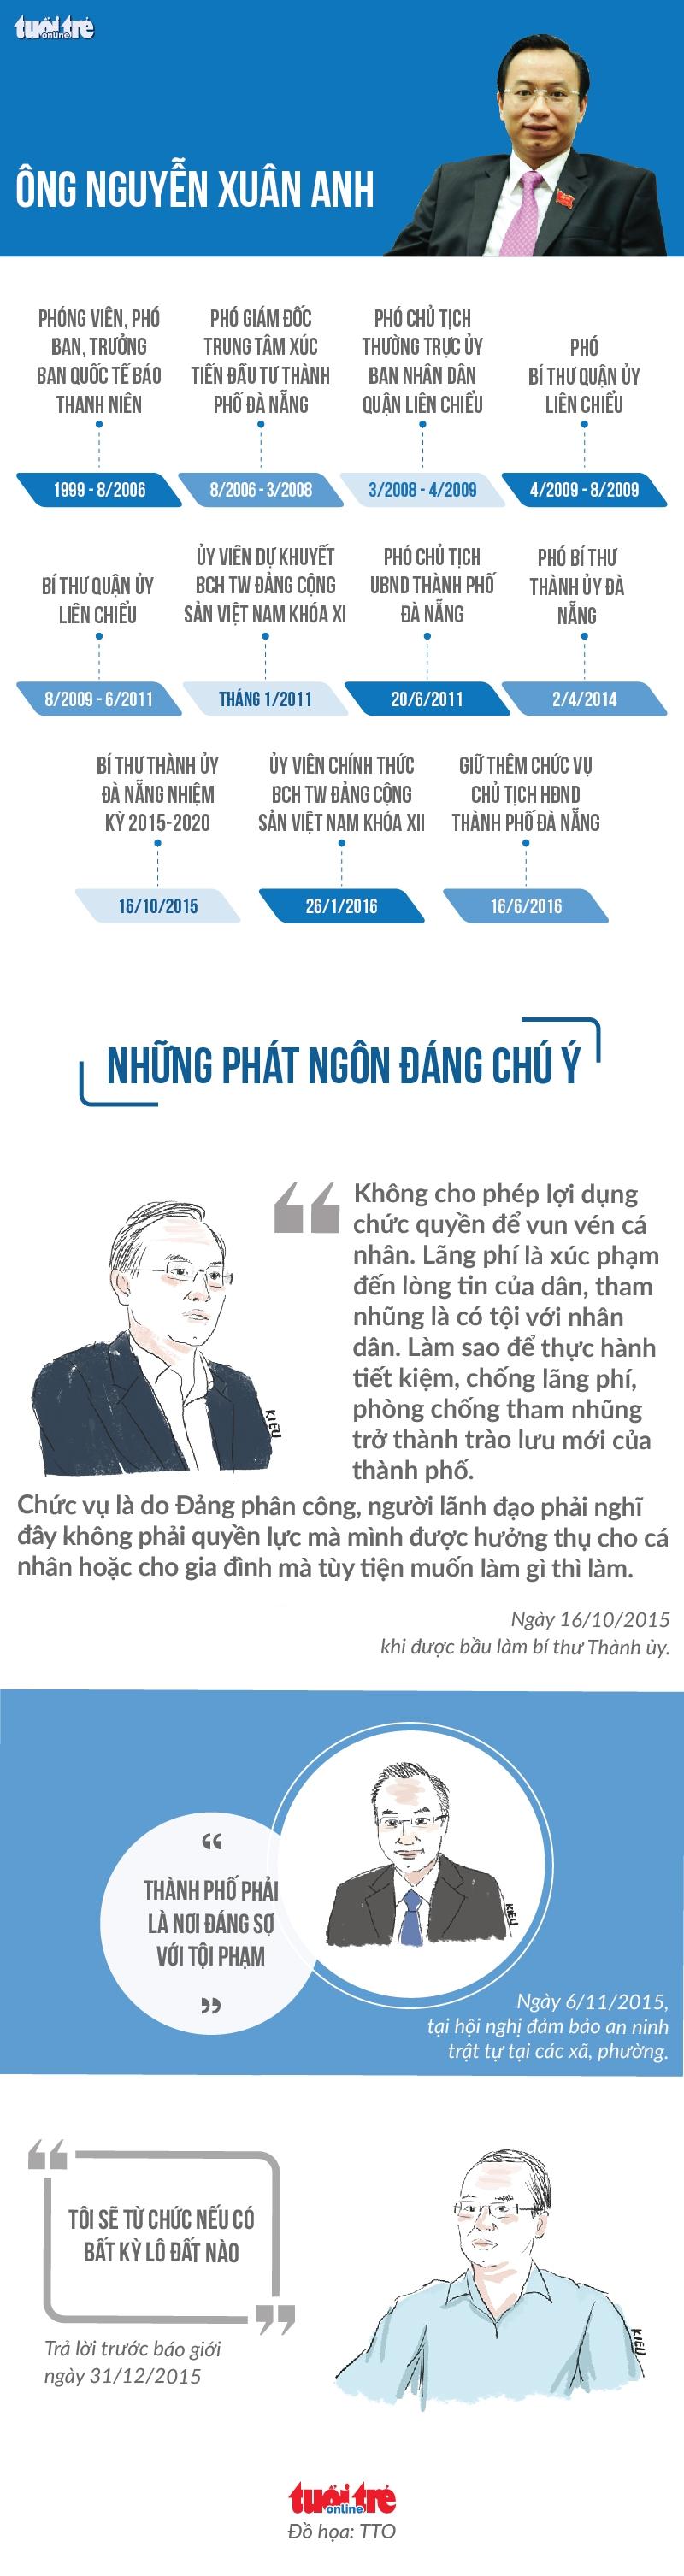 Công bố vi phạm của Bí thư Đà Nẵng Nguyễn Xuân Anh - Ảnh 3.